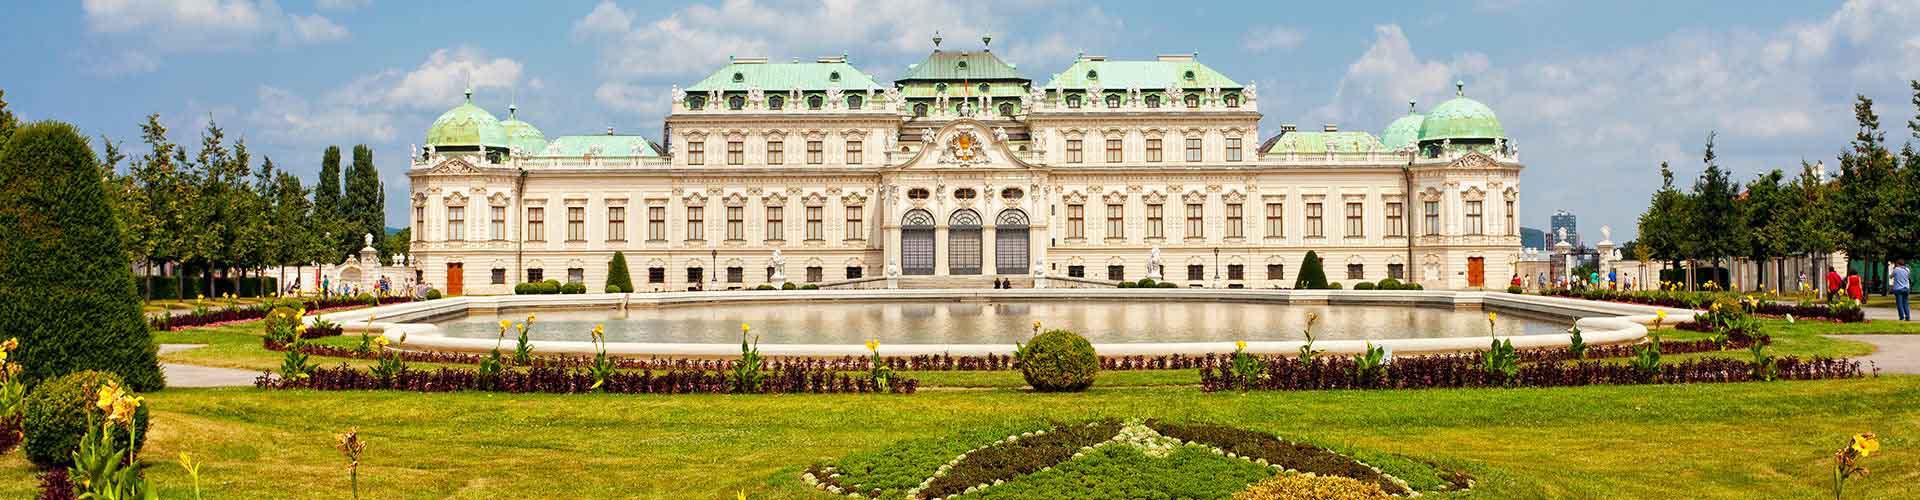 Viena - Hoteles baratos en el distrito Favoriten. Mapas de Viena, Fotos y Comentarios para cada hotel en Viena.